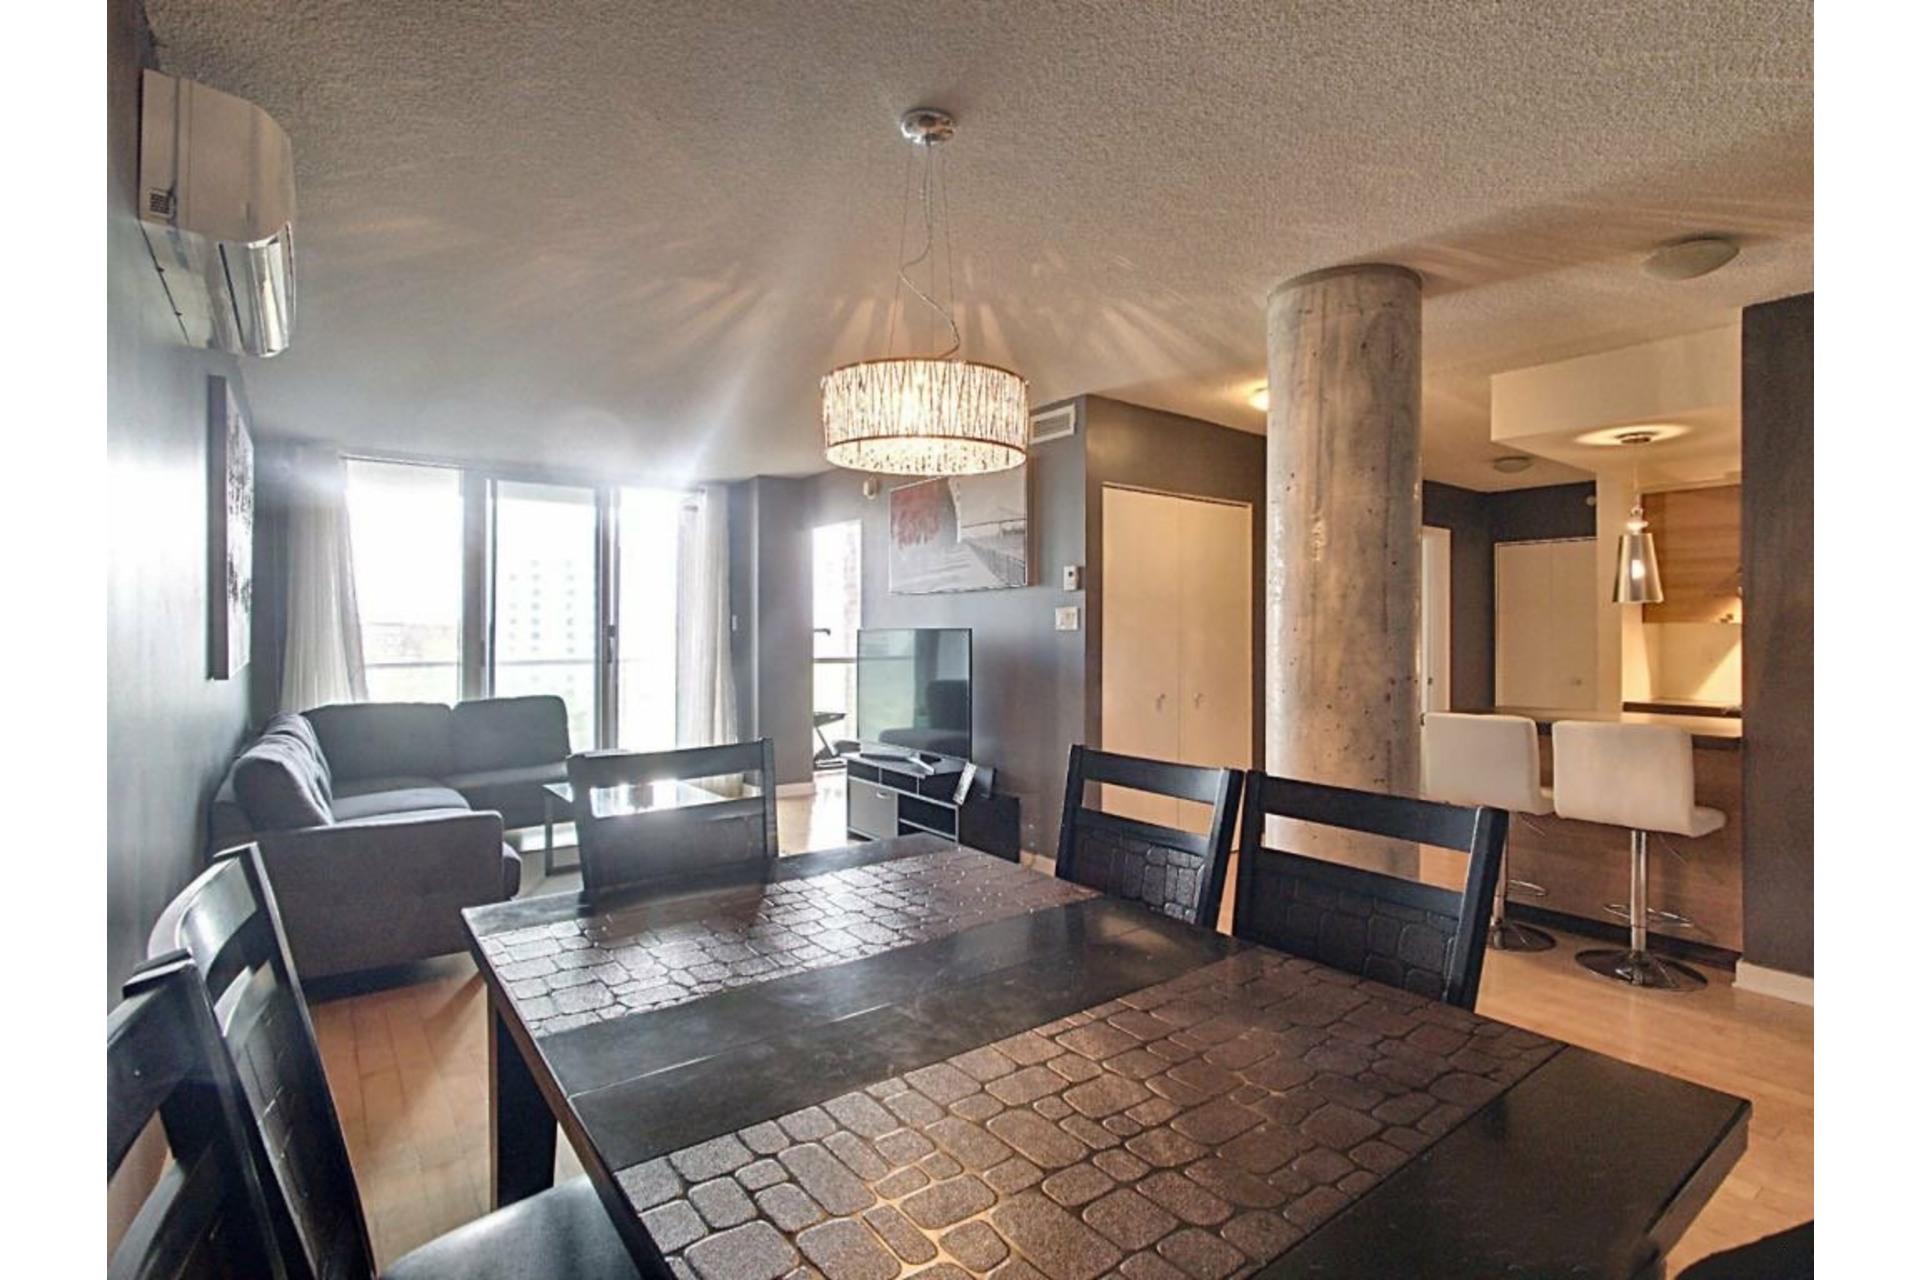 image 8 - Apartment For sale Ahuntsic-Cartierville Montréal  - 6 rooms